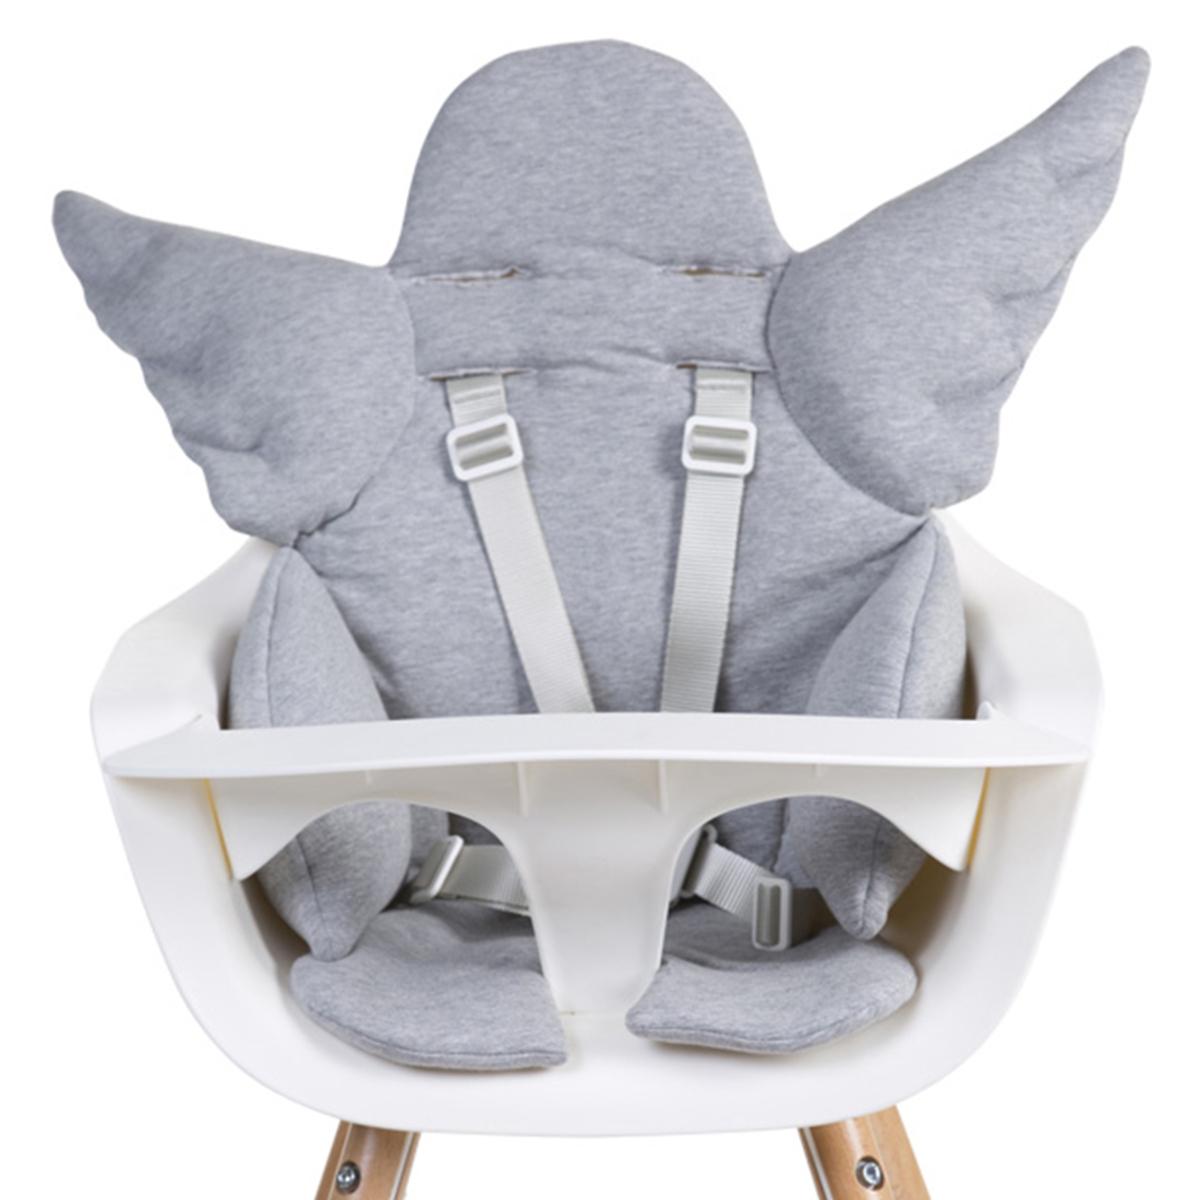 Chaise haute Coussin de Chaise Haute Ange Jersey - Gris Coussin de Chaise Haute Ange Jersey - Gris